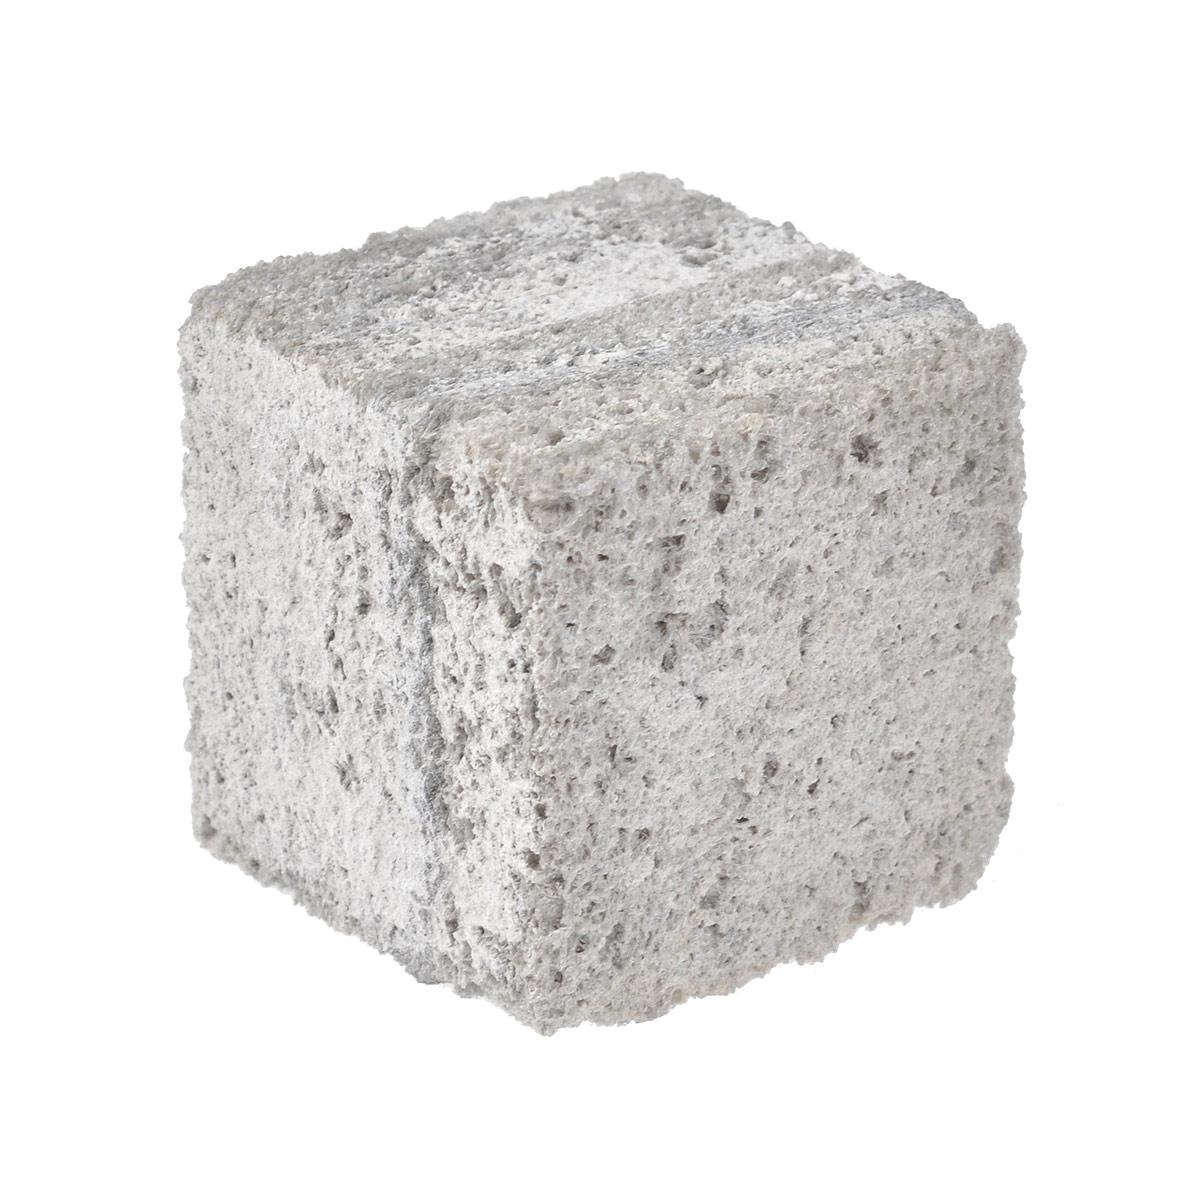 Камень для шиншилл JR Farm, жевательный, 50 г0120710Камень для шиншилл JR Farm  очень твердый. Жевательный камень из Анд - естественного местообитания шиншилл. Камень обеспечивает стирание зубов и их заточку у шиншилл и дегу.Состав: горный камень из Анд.Размер (ДхШхВ): 4,5 см х 4,5 см х 4,5 см.Товар сертифицирован.